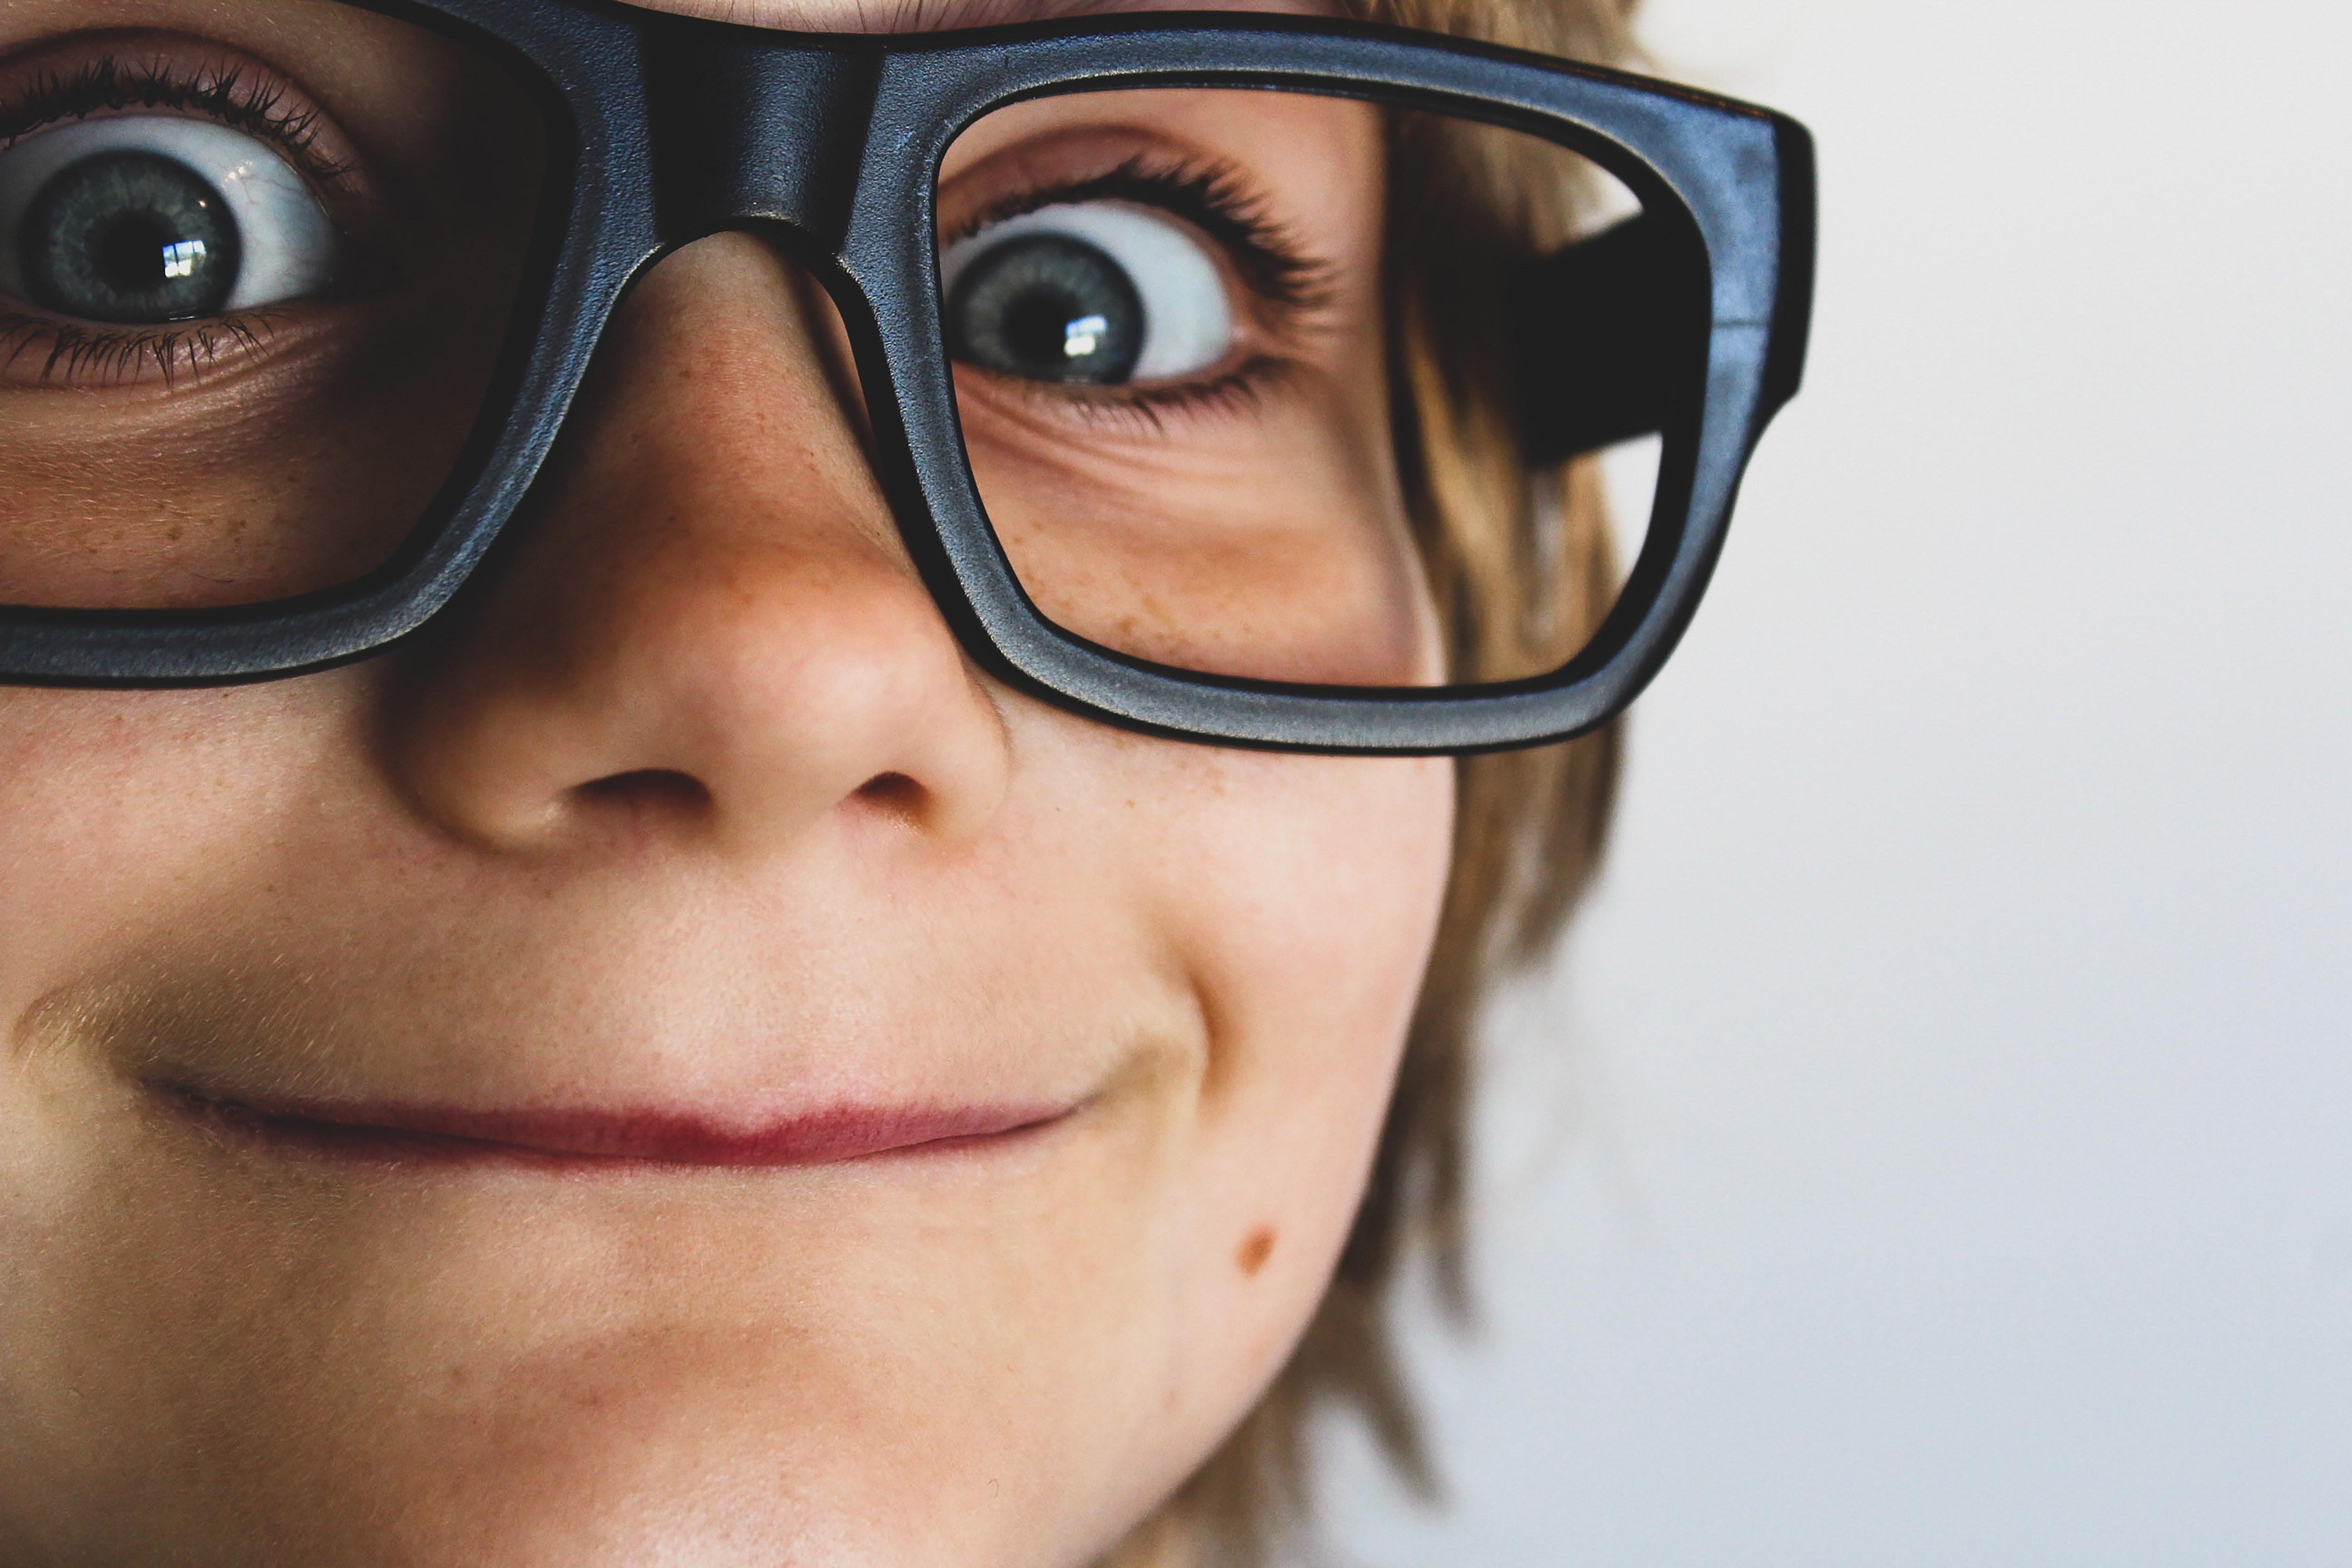 95273e2a6 Como cuidar da visão do seu filho - CRESCER   Crianças